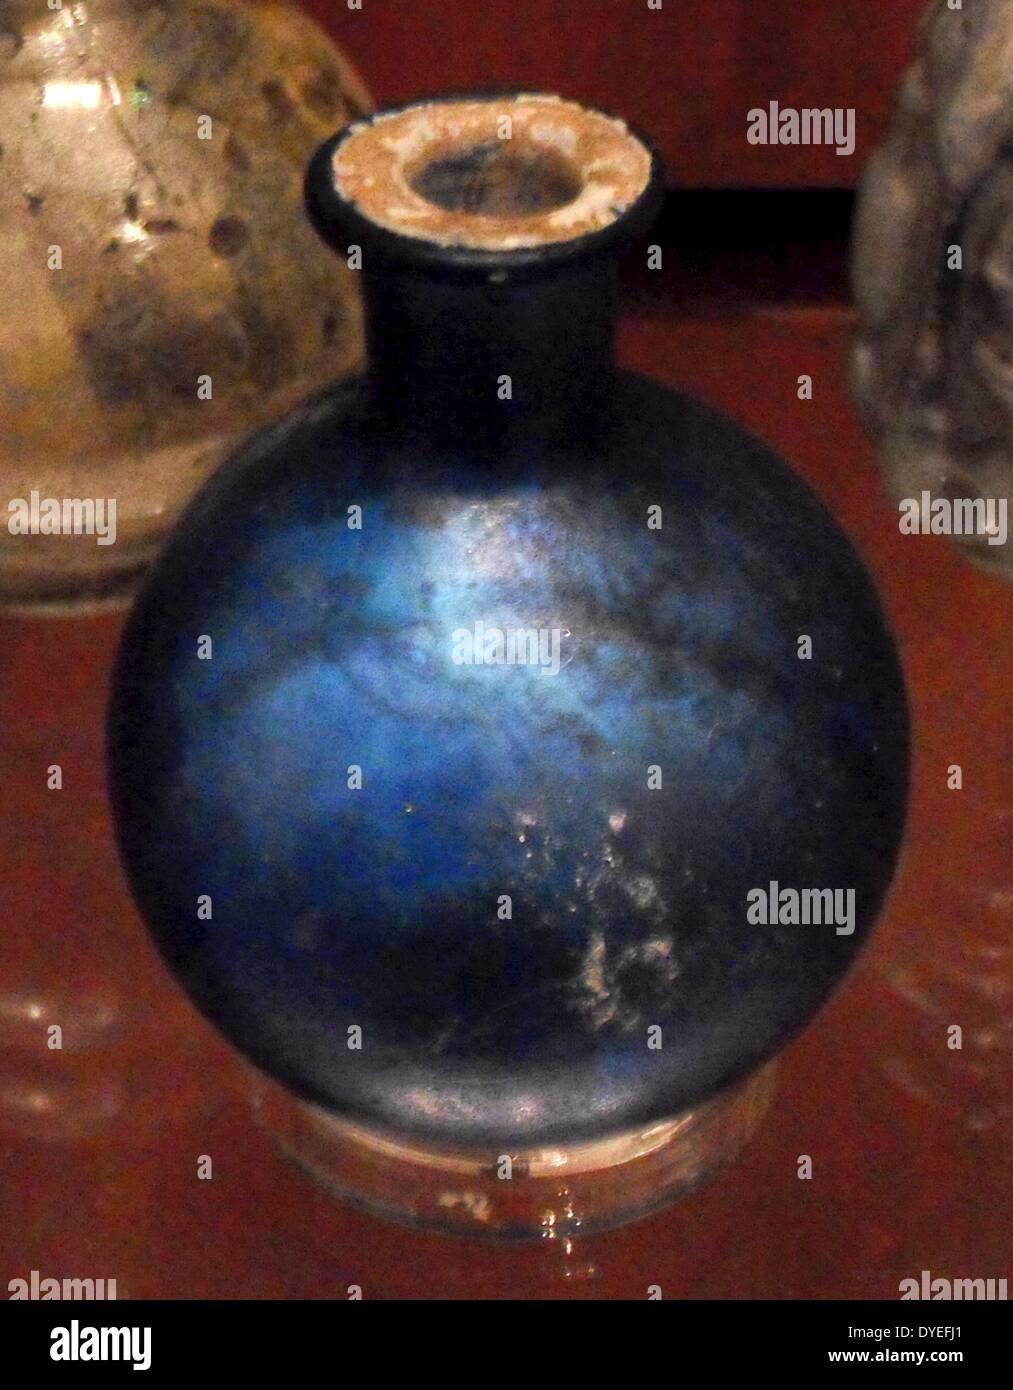 datazione vintage Baccarat bottiglie di profumo Velocità datazione Islington